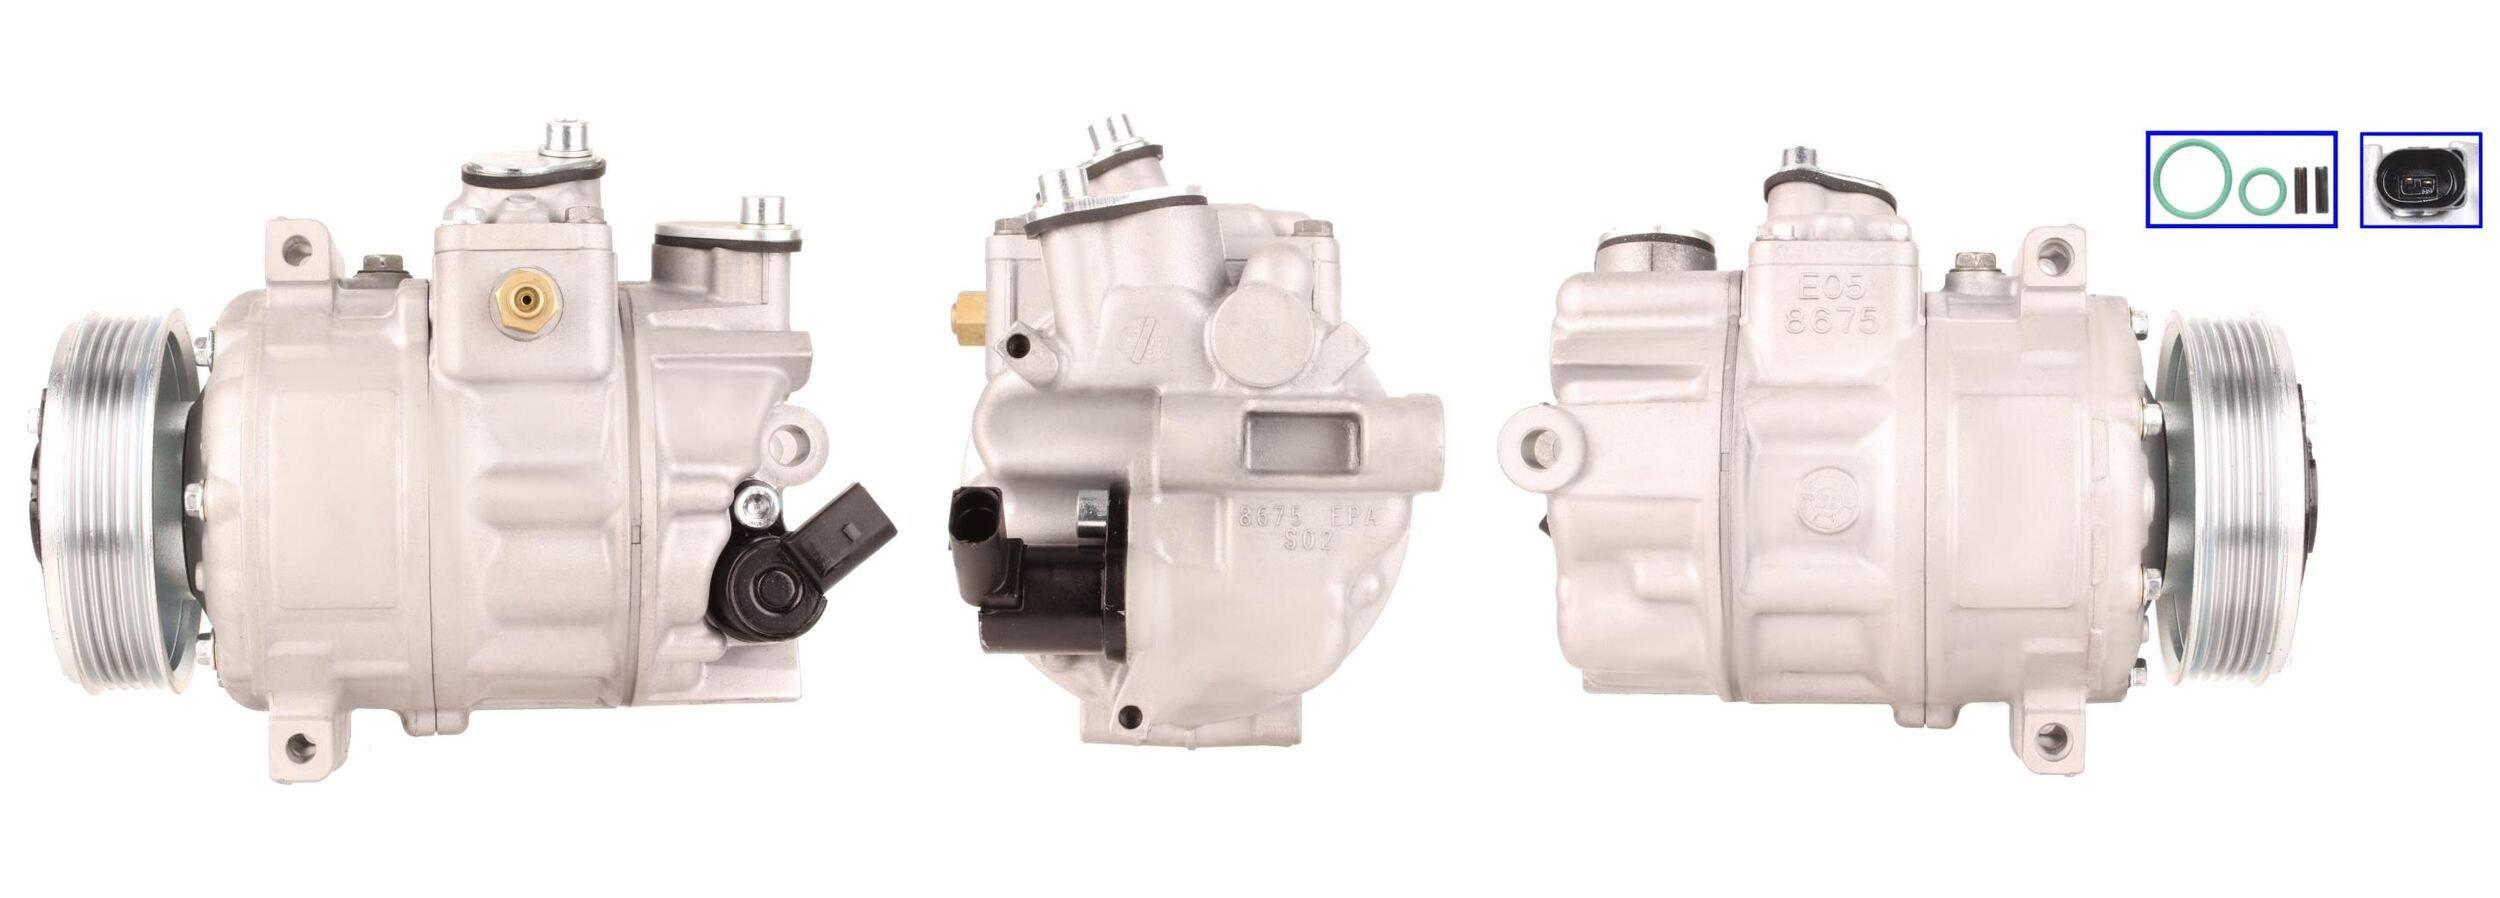 51-0123 ELSTOCK PAG 46, Kältemittel: R 134a, mit Dichtungen Riemenscheiben-Ø: 110mm, Anzahl der Rillen: 6 Klimakompressor 51-0123 günstig kaufen